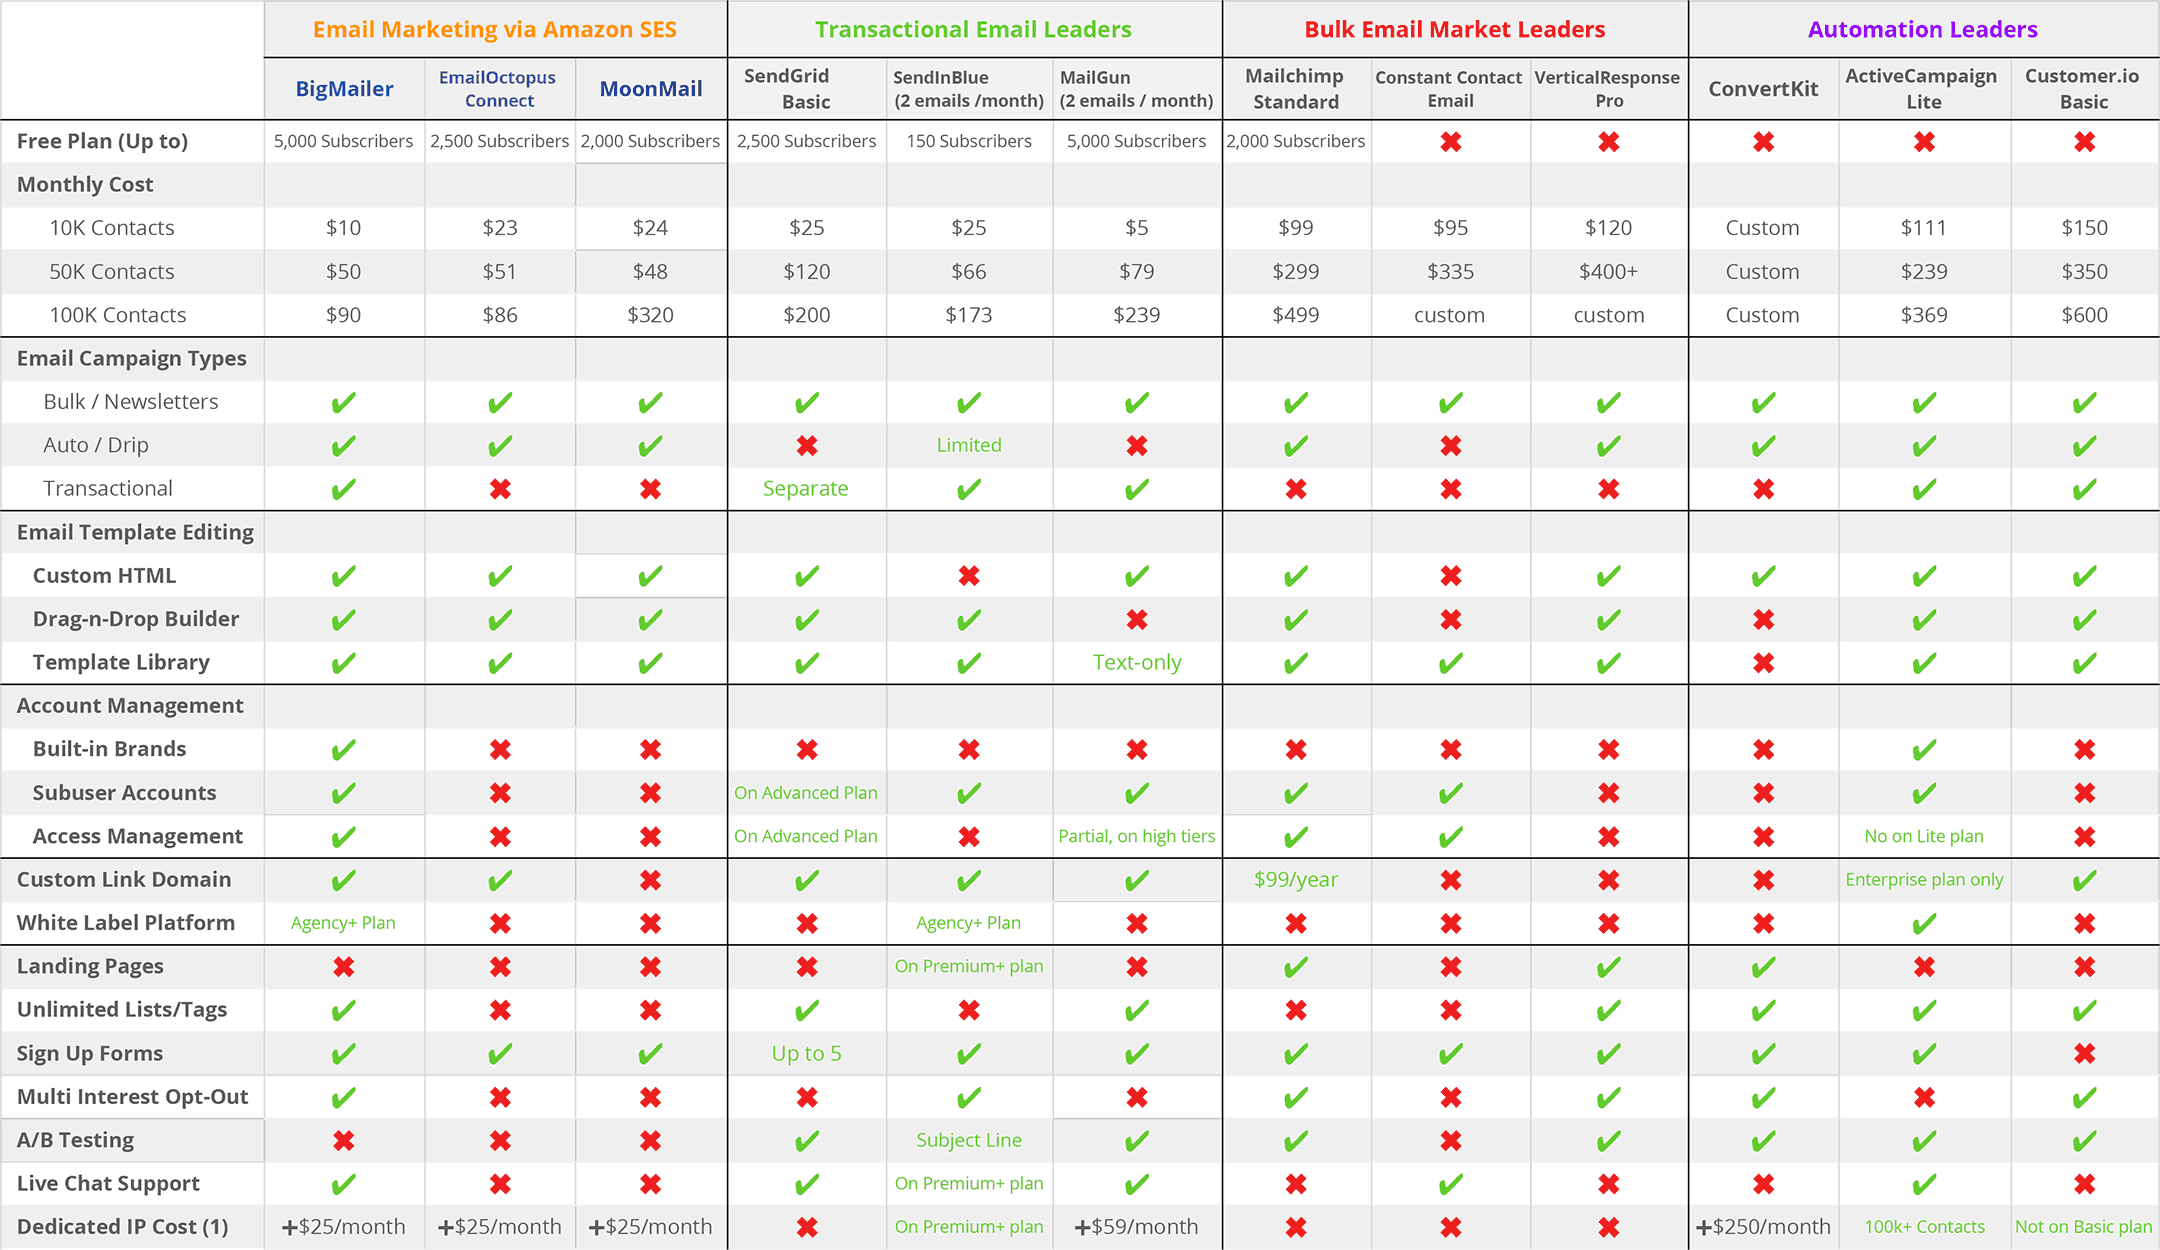 bulk email marketing services comparison